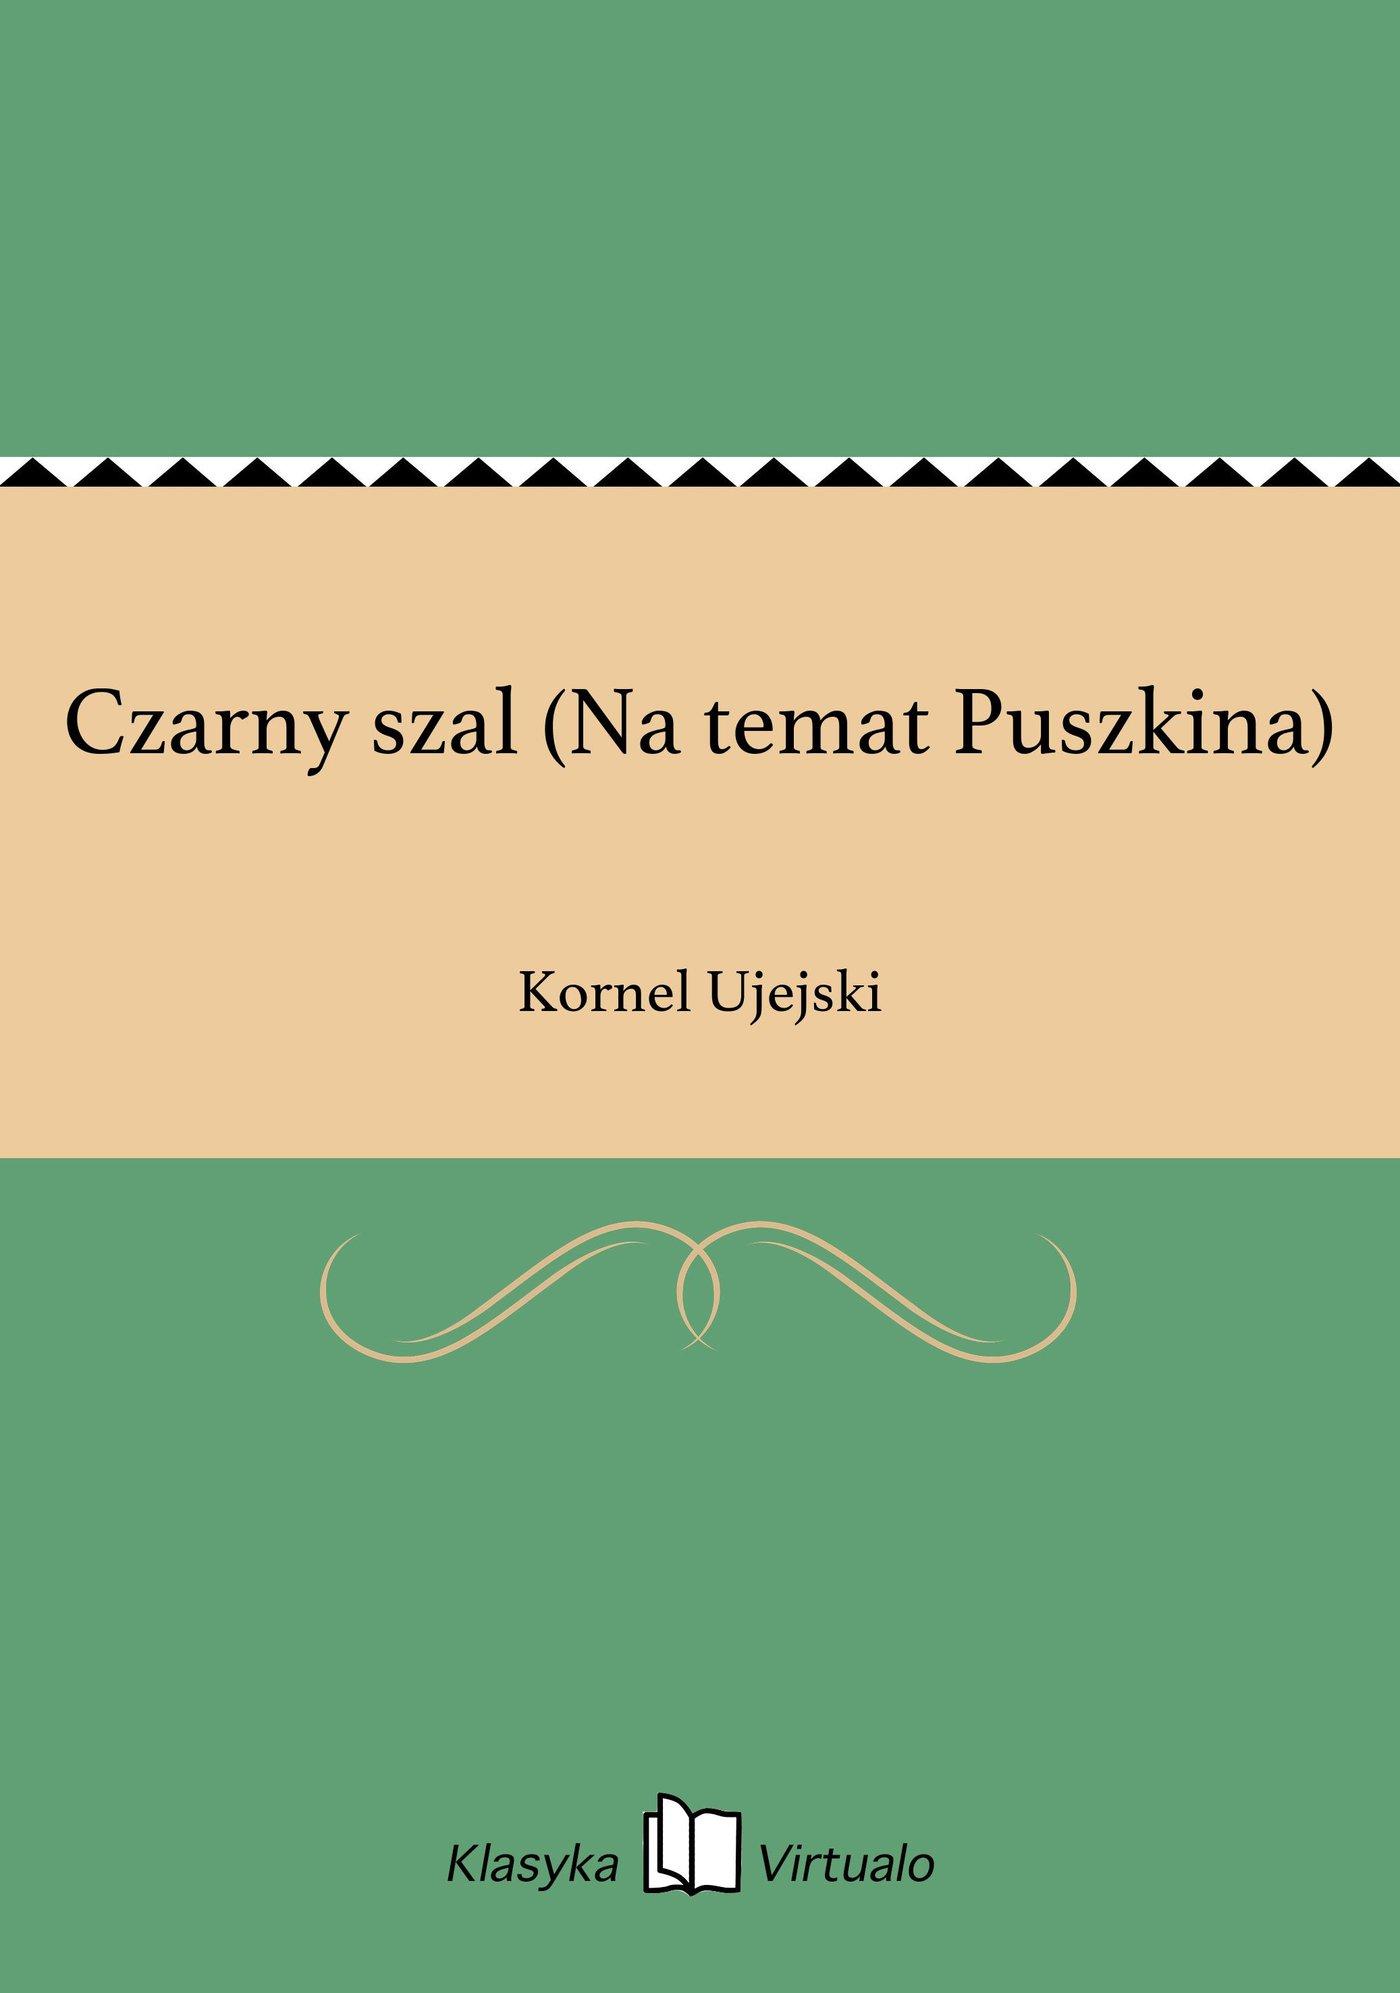 Czarny szal (Na temat Puszkina) - Ebook (Książka EPUB) do pobrania w formacie EPUB